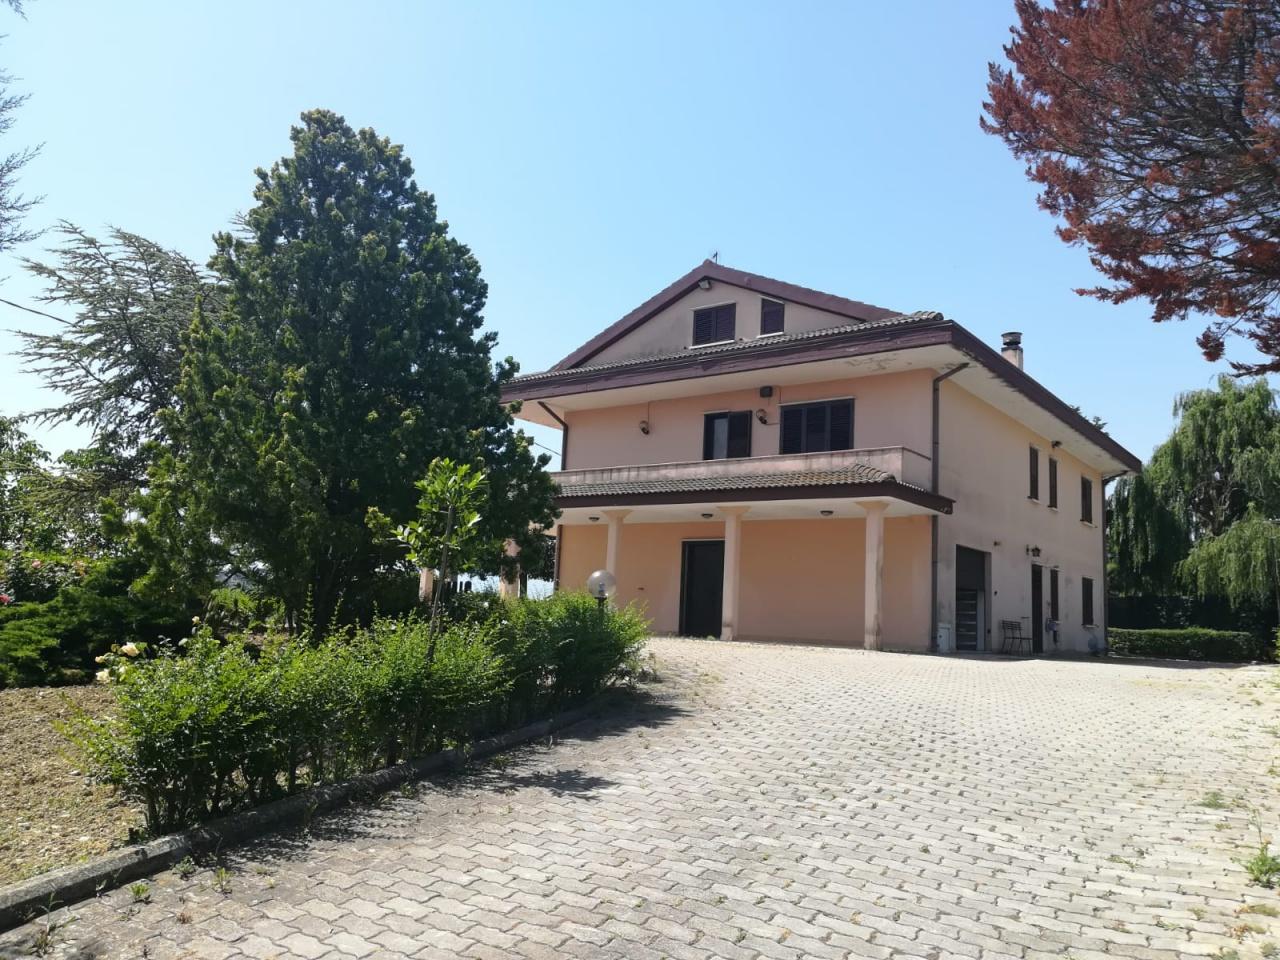 Appartamento in vendita a Montesilvano, 6 locali, prezzo € 250.000 | CambioCasa.it